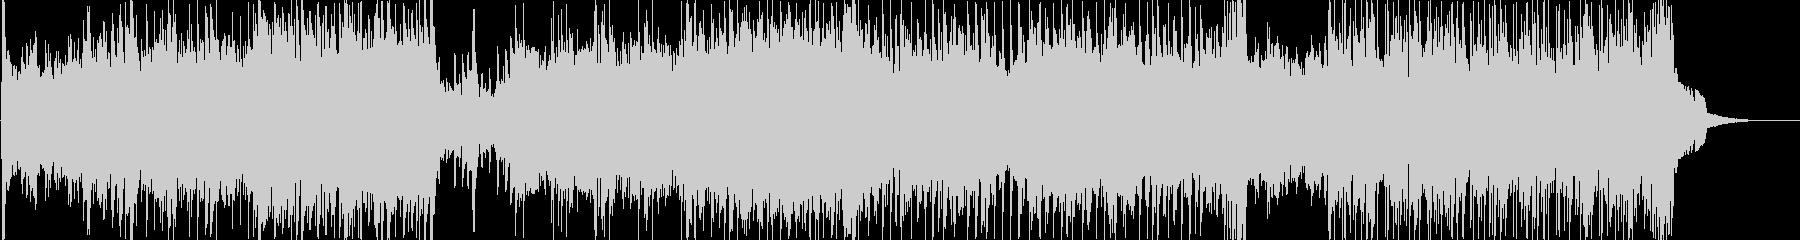 ダーティーなロック調の戦闘用BGMの未再生の波形